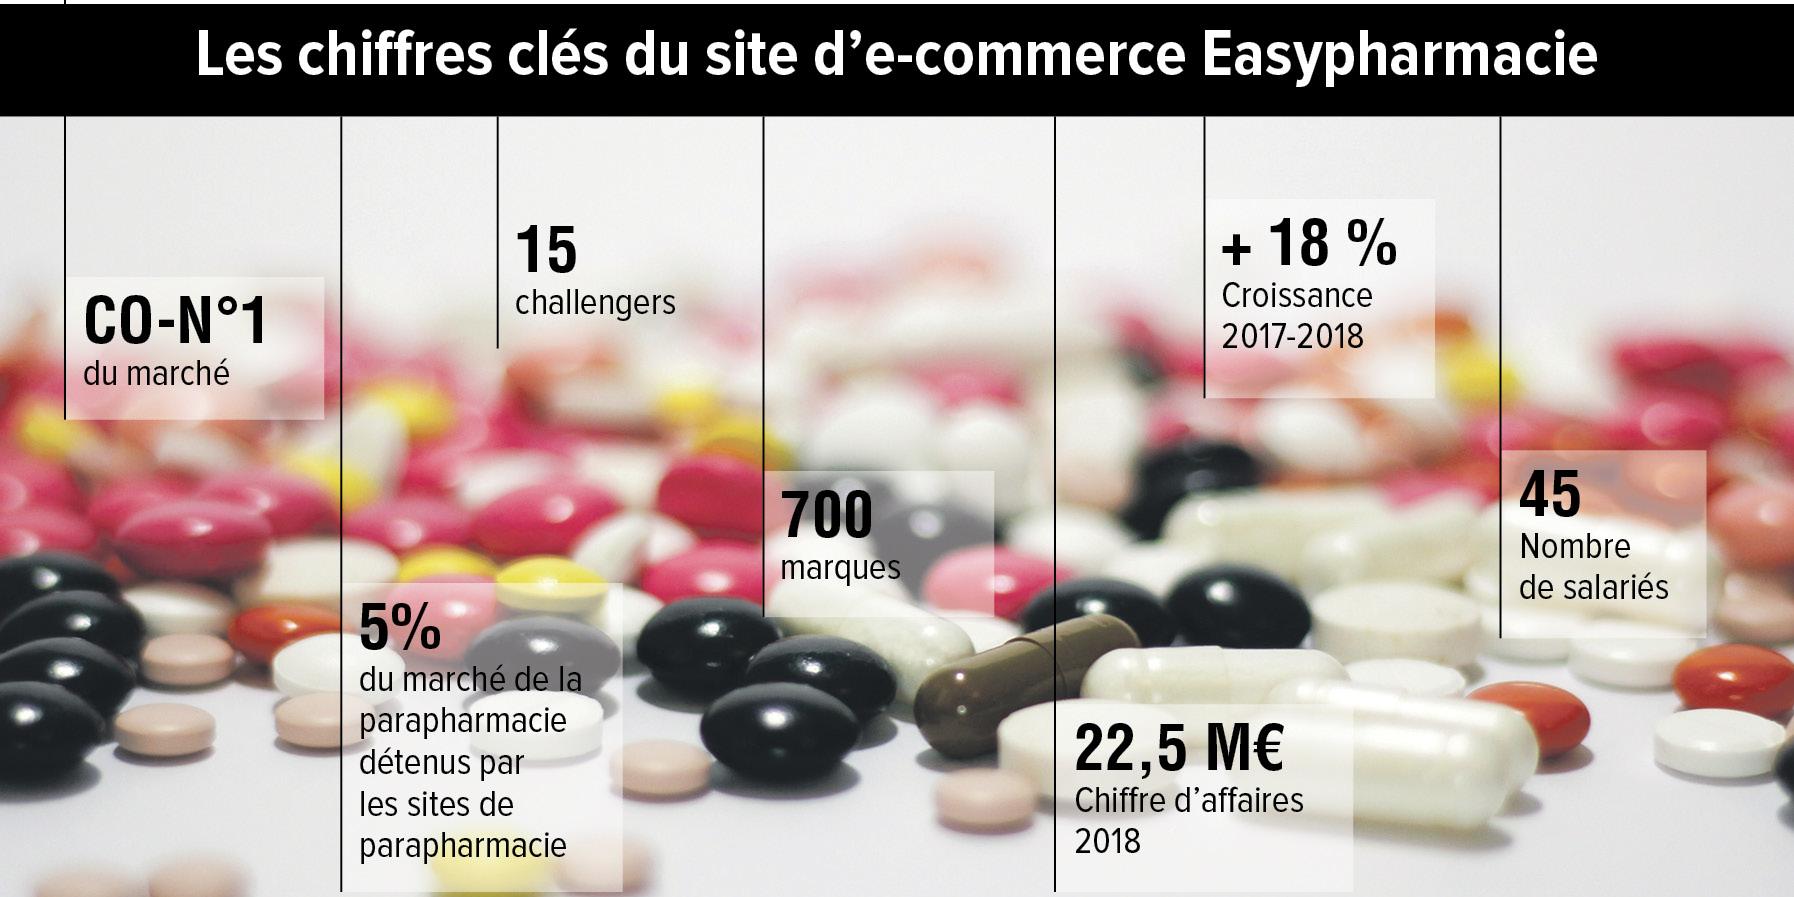 Easyparapharmacie perfectionne le modèle de la santé discount